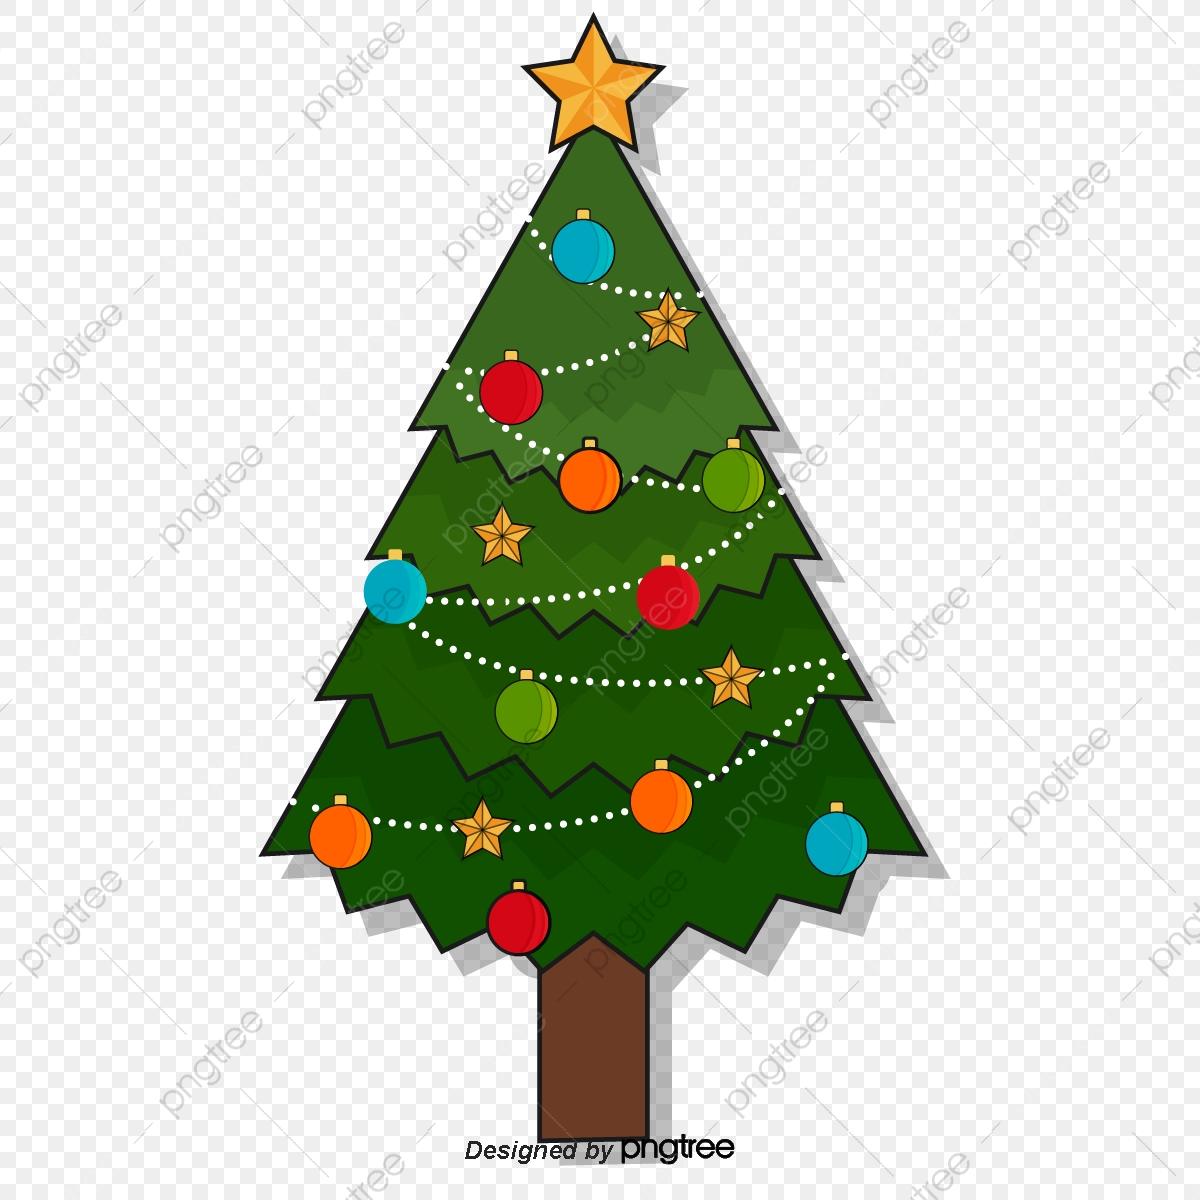 Sapin De Noël Arbre De Noël Ambiance De Noël Noel Png Et